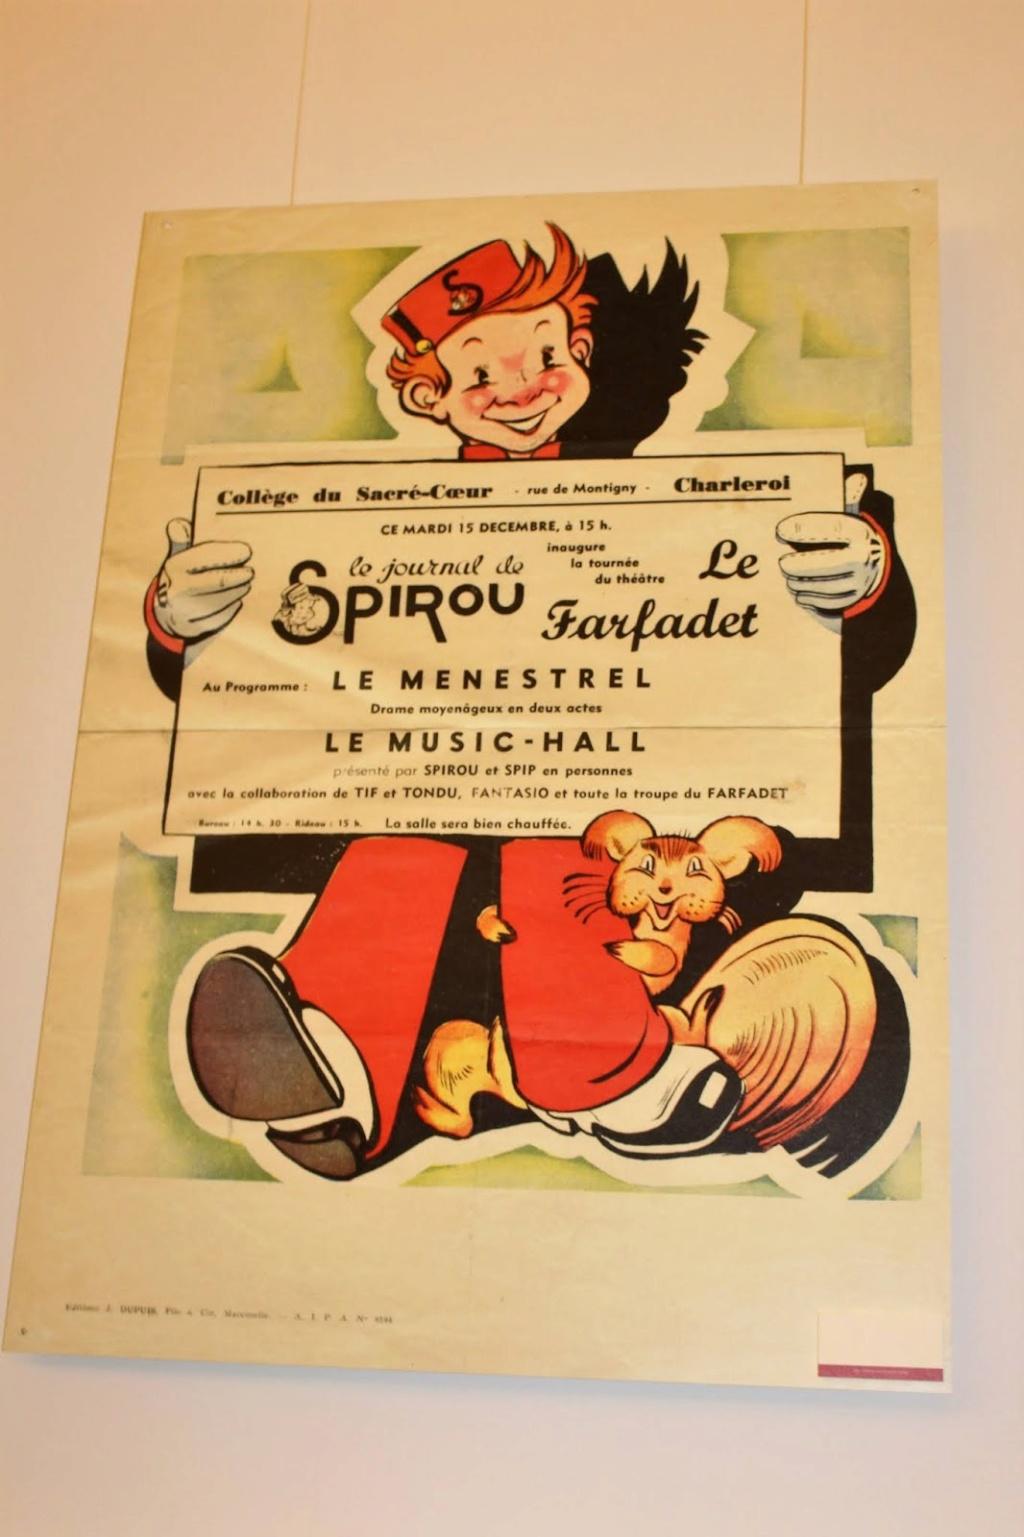 Spirou et ses dessinateurs - Page 11 Img_6210